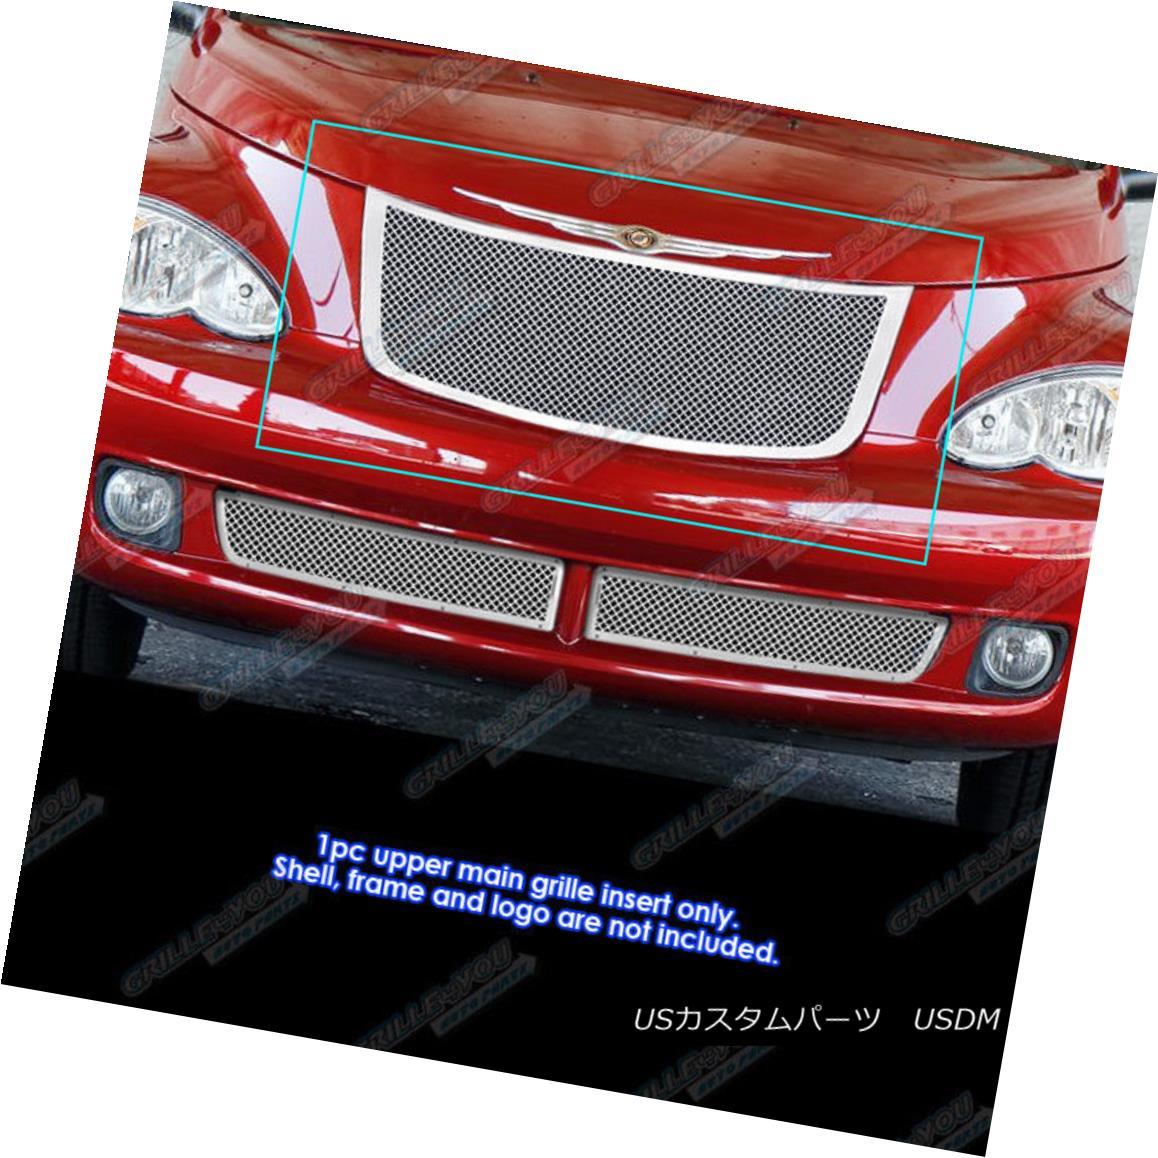 グリル Fits 2006-2010 Chrysler PT Cruiser Stainless Steel Mesh Grille Grill Insert 適合2006-2010クライスラーPTクルーザーステンレススチールメッシュグリルグリルインサート